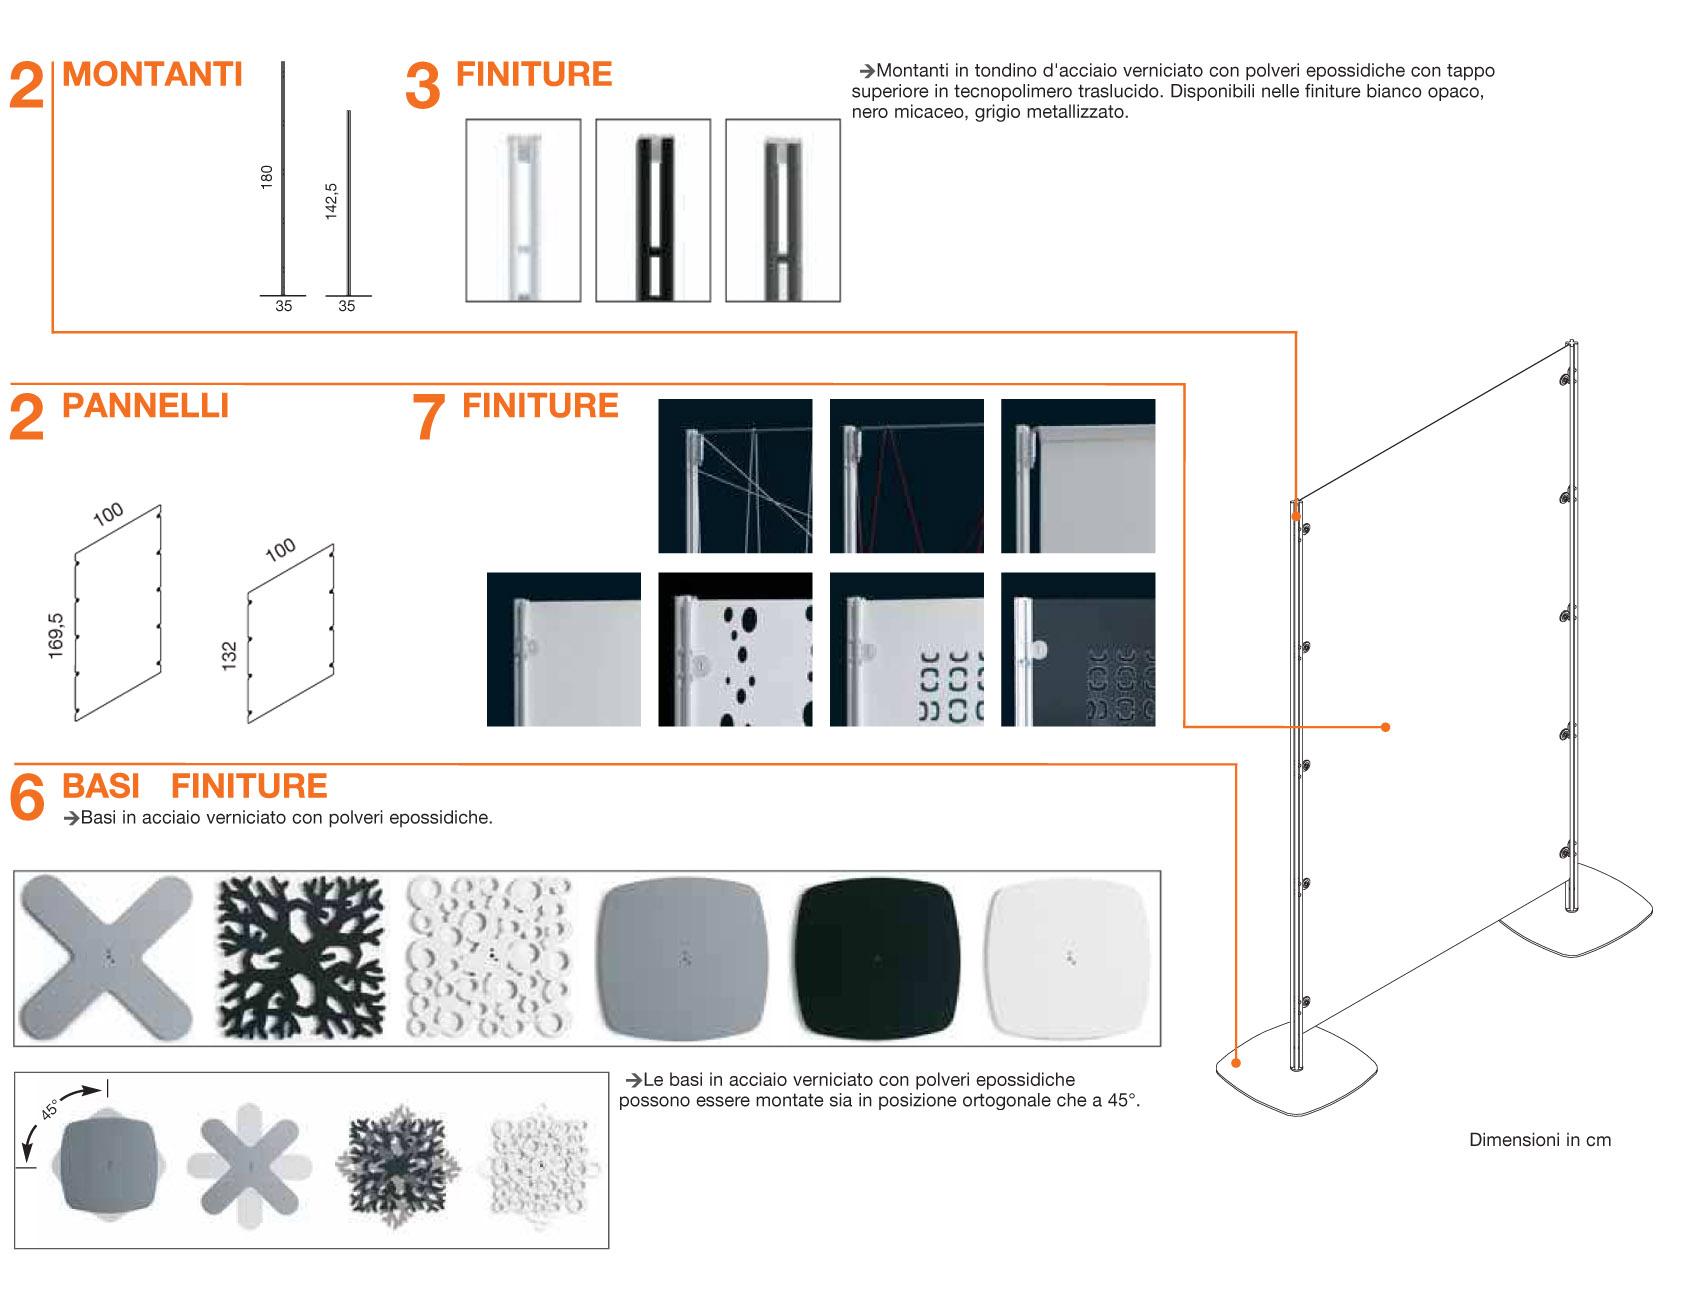 Mobili separatori pareti mobili per dividere la zona giorno e notte armadio camera da letto in - Mobili separatori ...